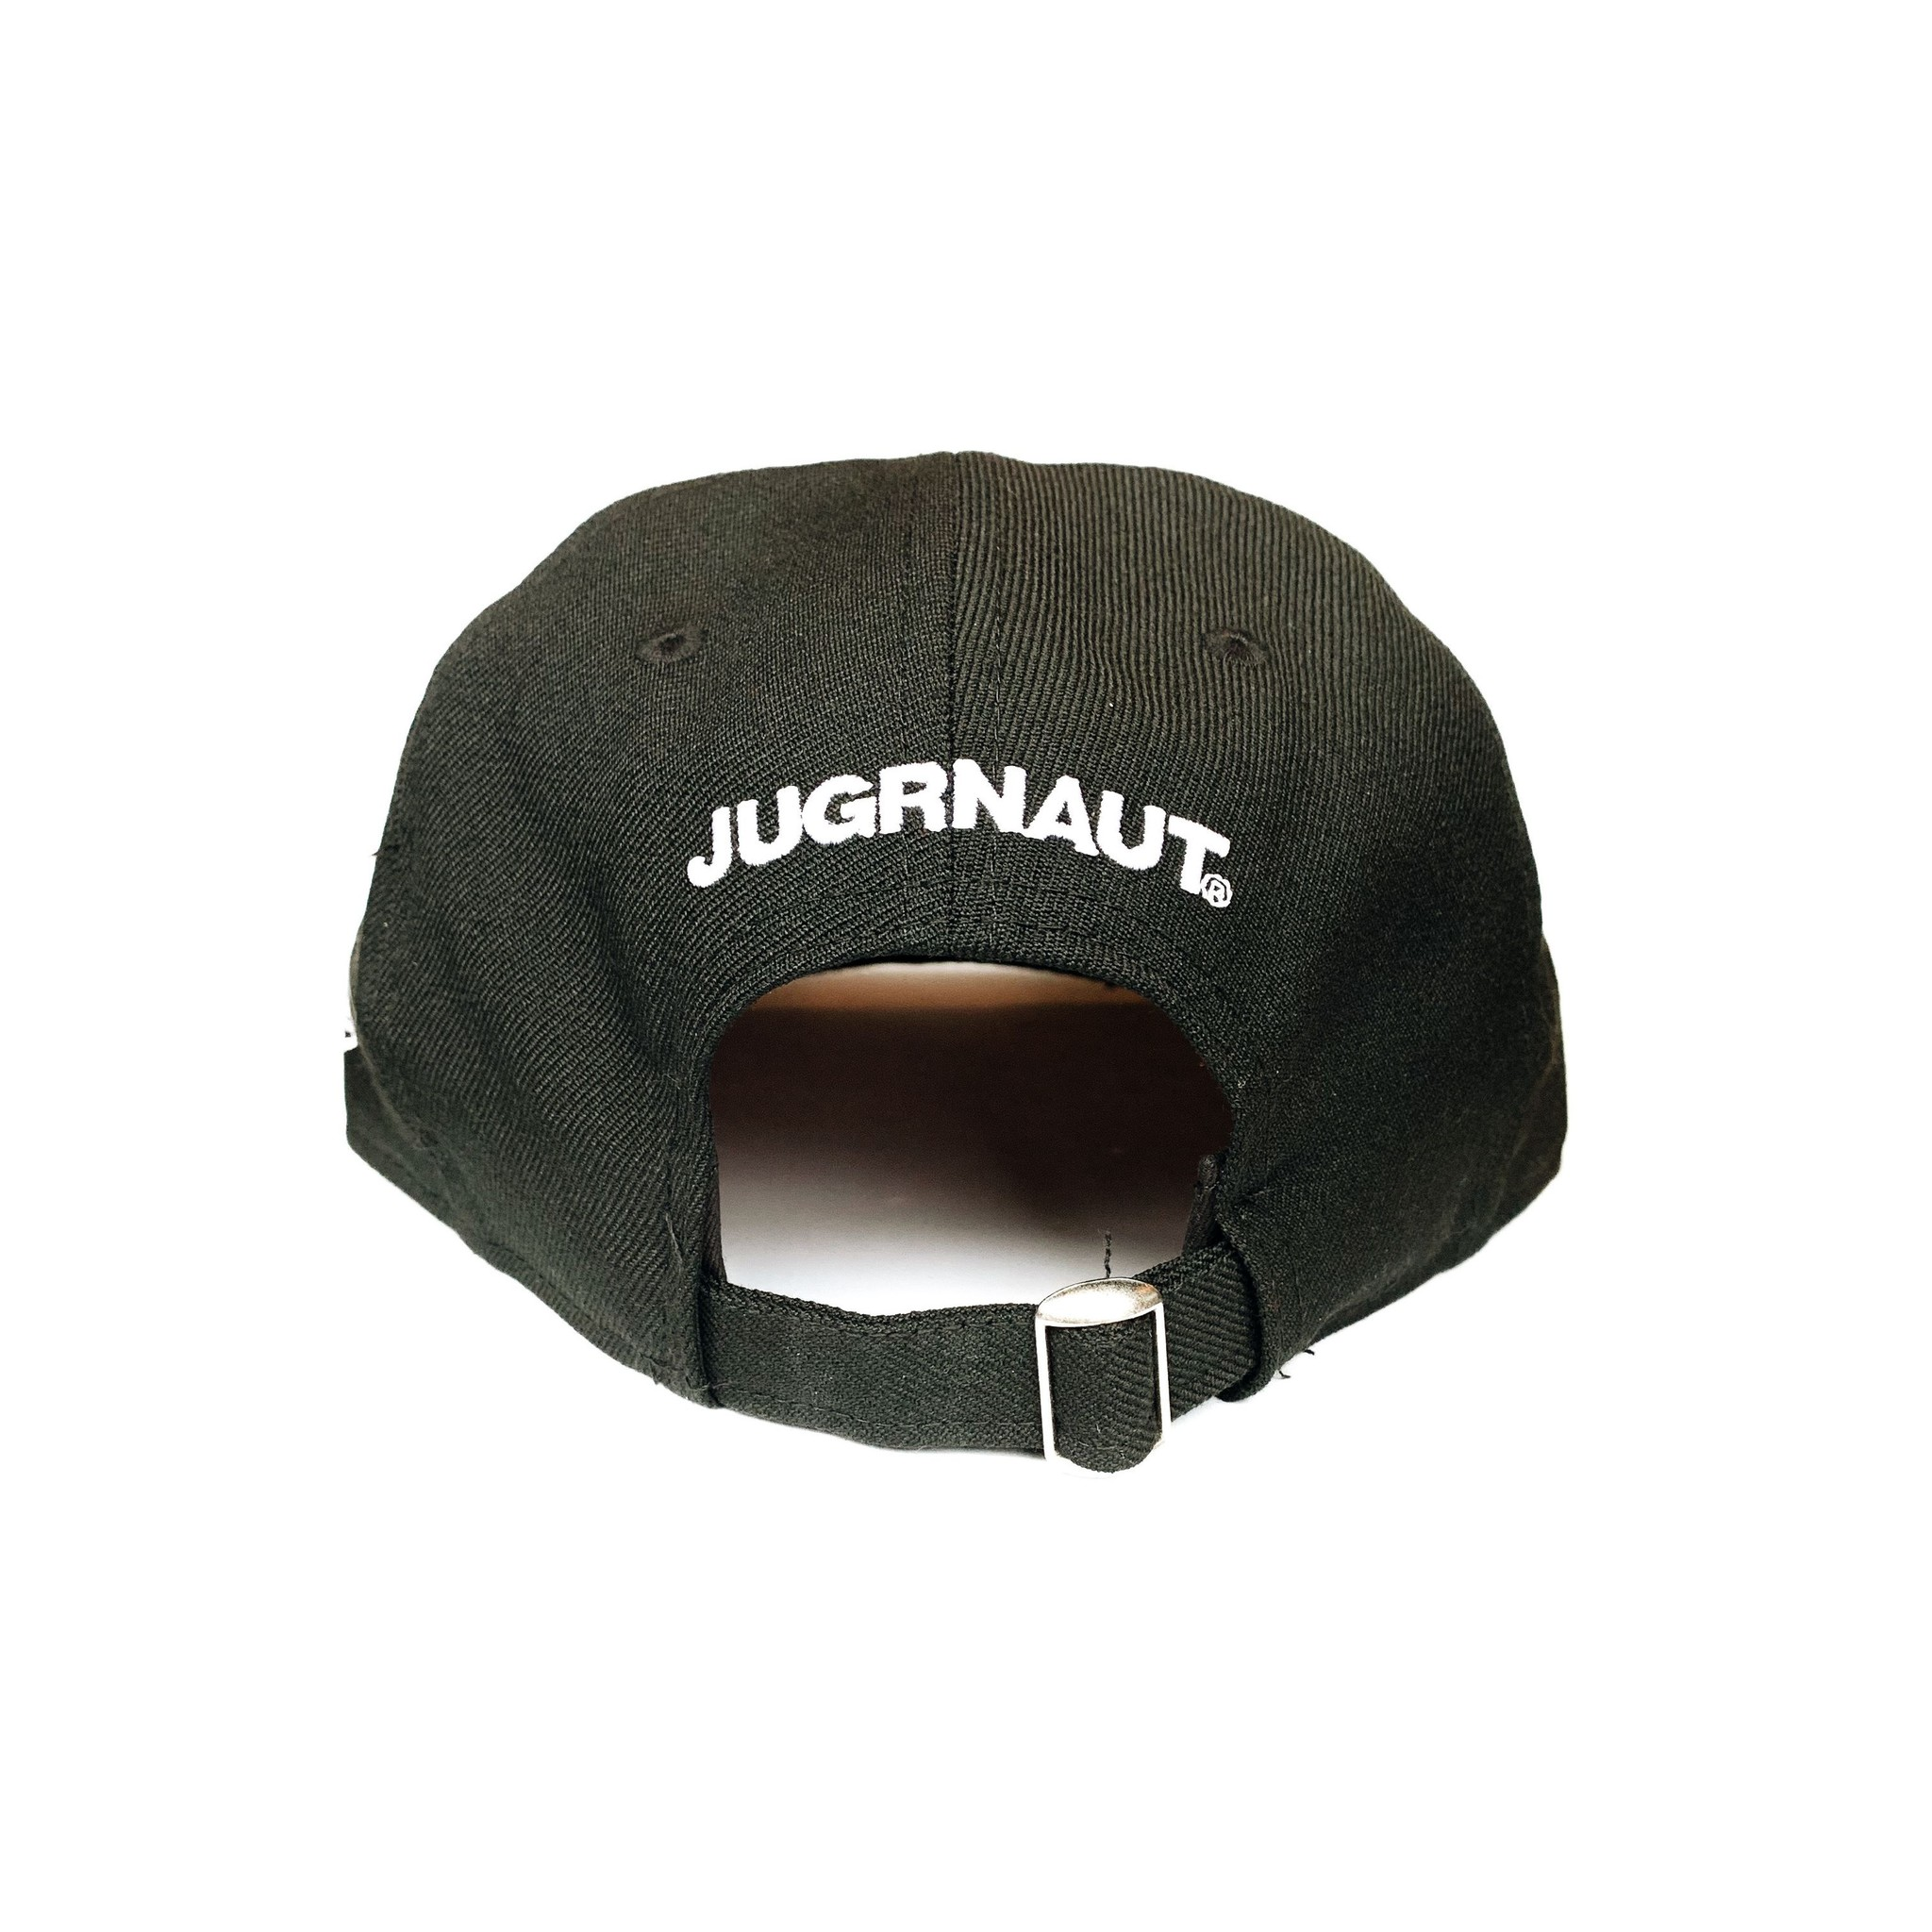 Jugrnaut Jugrnaut x New Era J Storm Hat